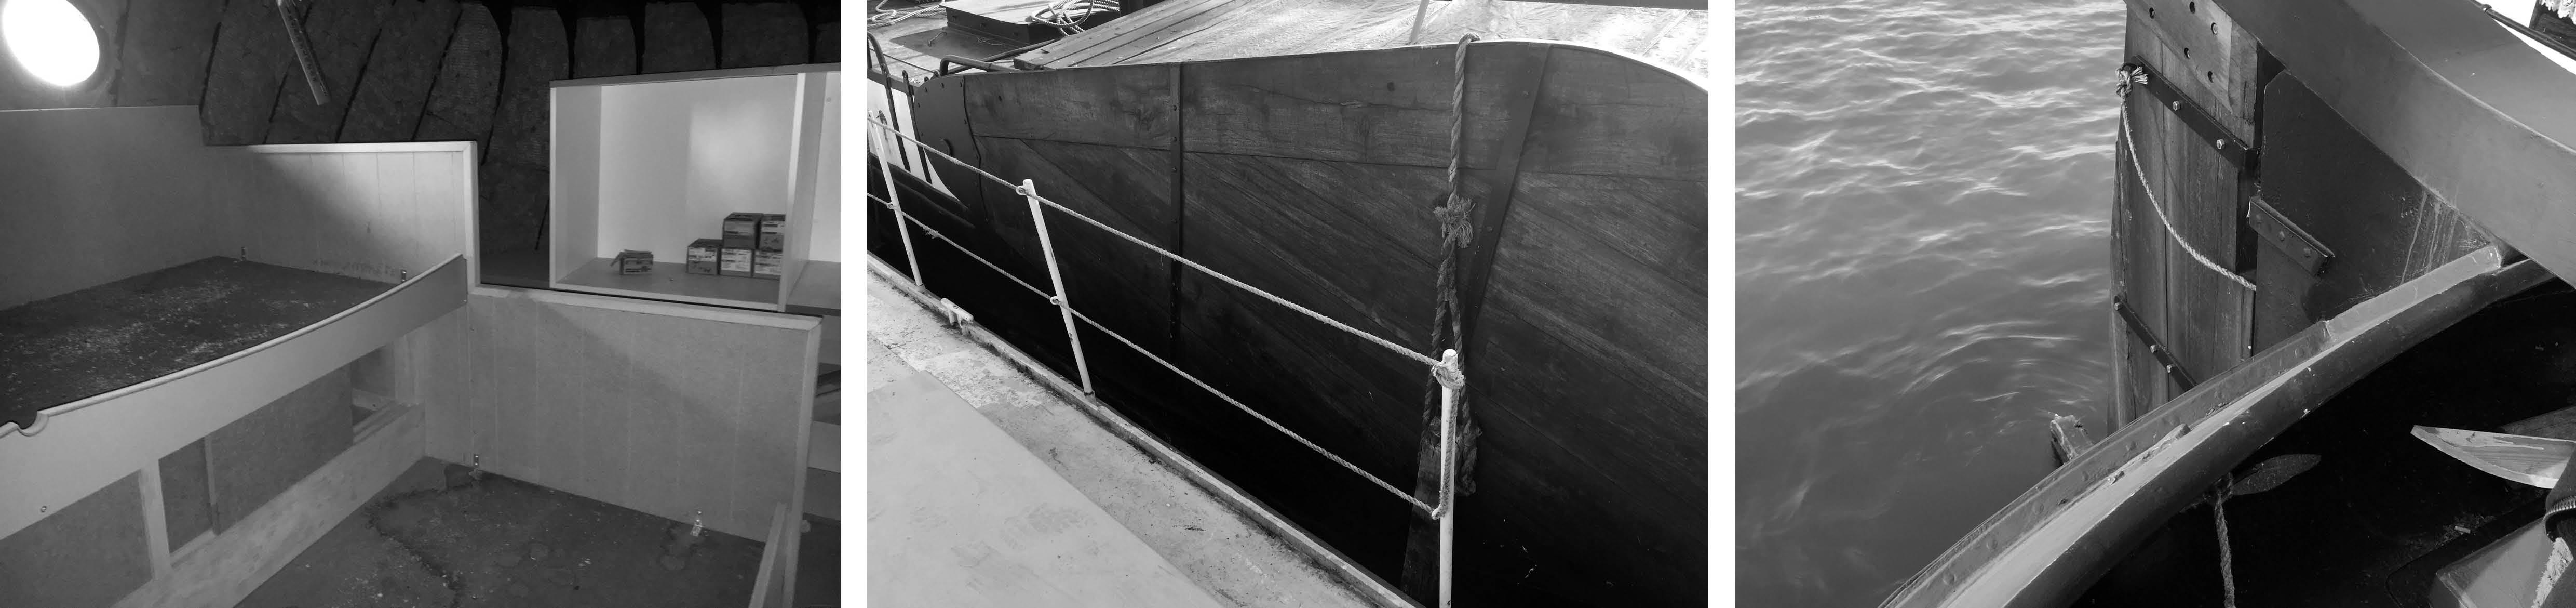 interieur ontwerp vrachtschip